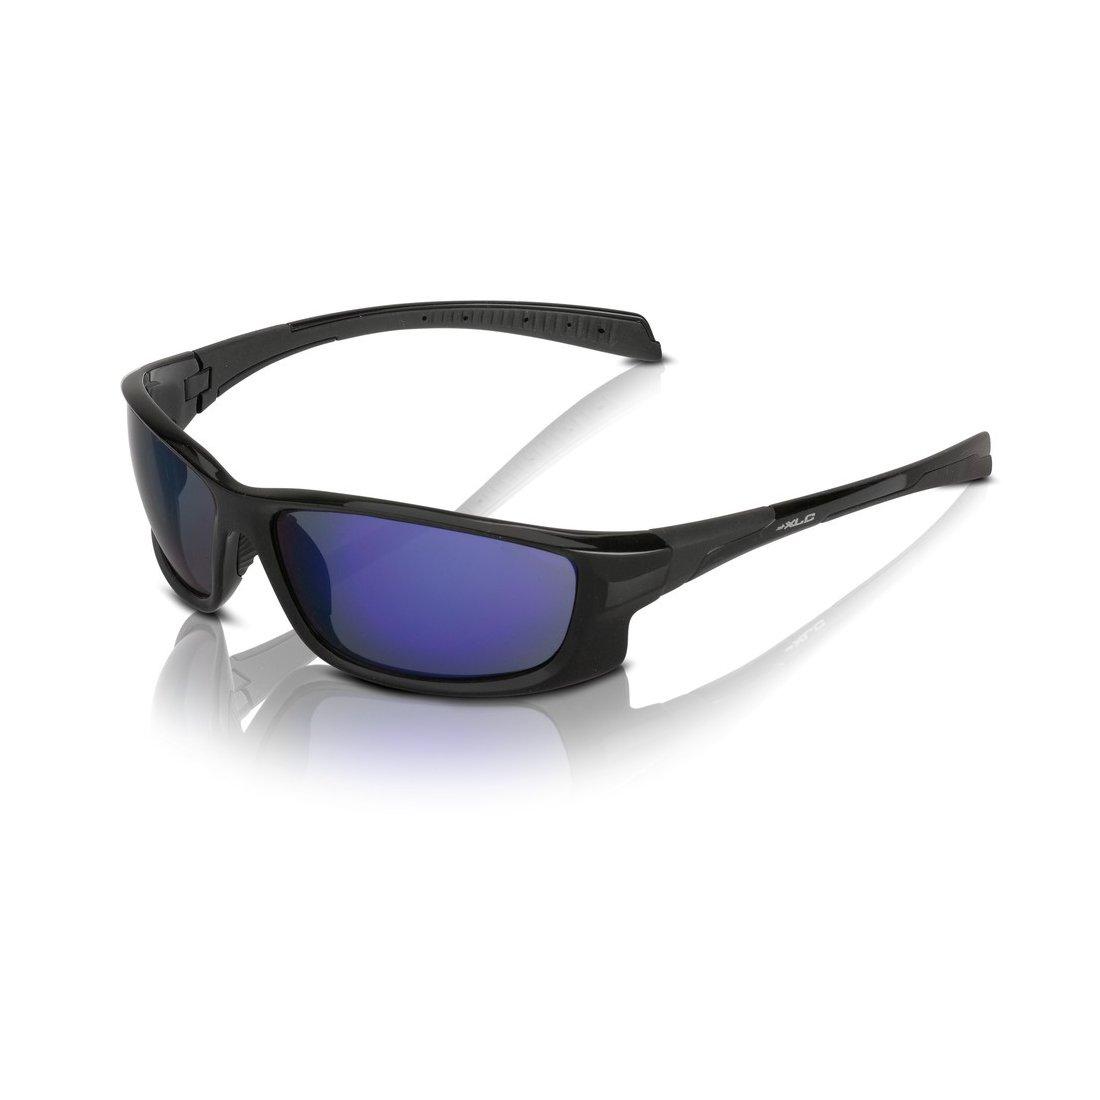 XLC Sonnenbrille Nassau SG-C11 Rahmen schwarz Gläser blau (1 Stück) Z26JddZKg